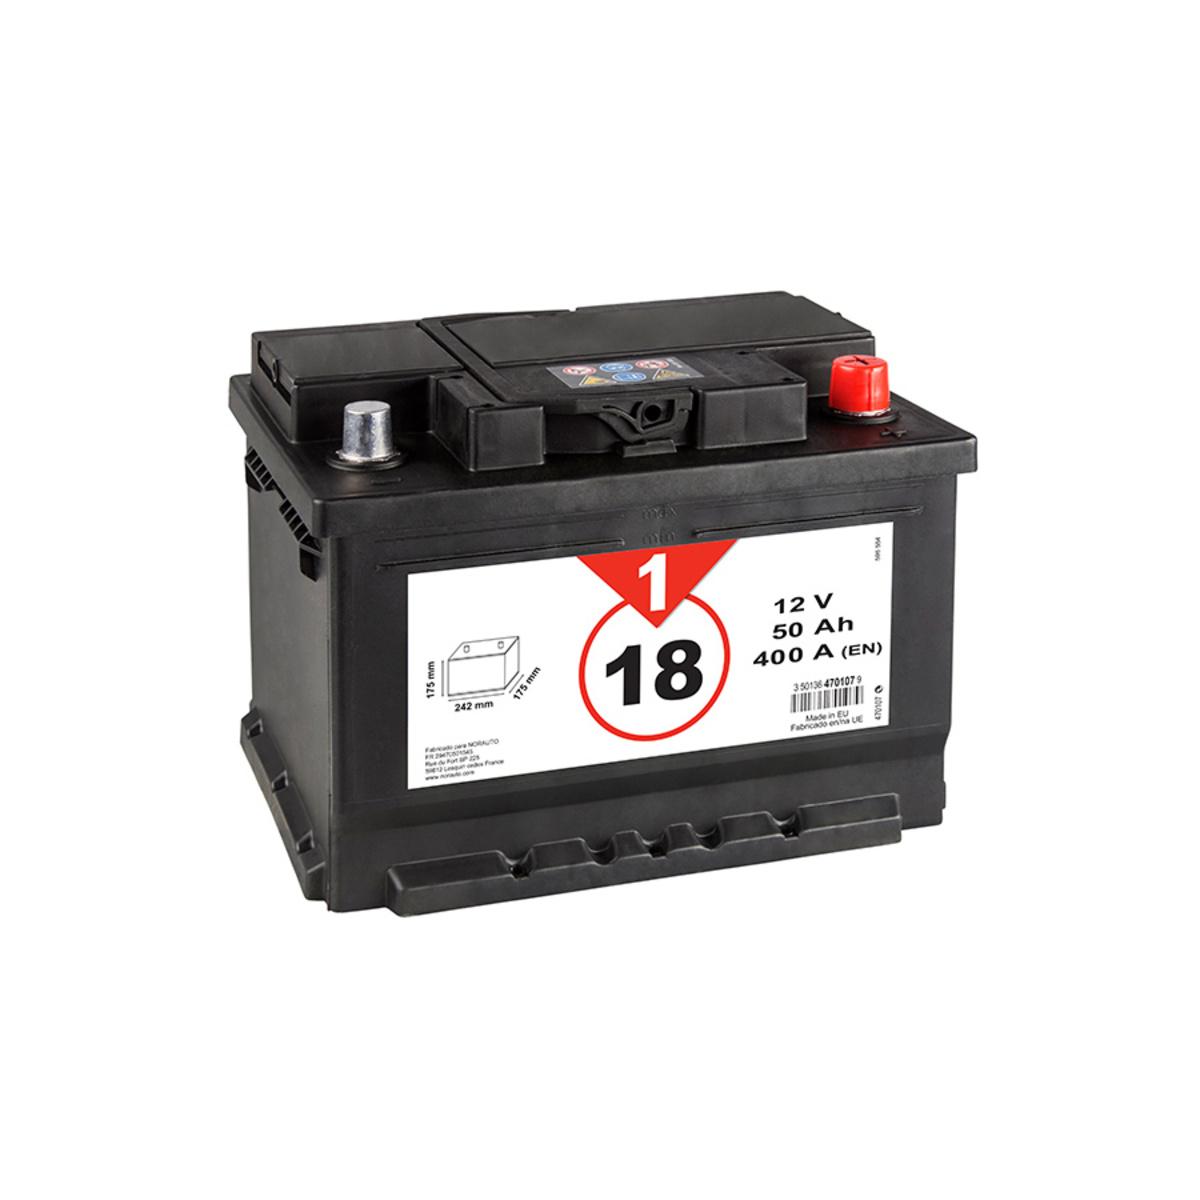 Bild 2 von Autobatterie 16, 80 Ah, 700 A